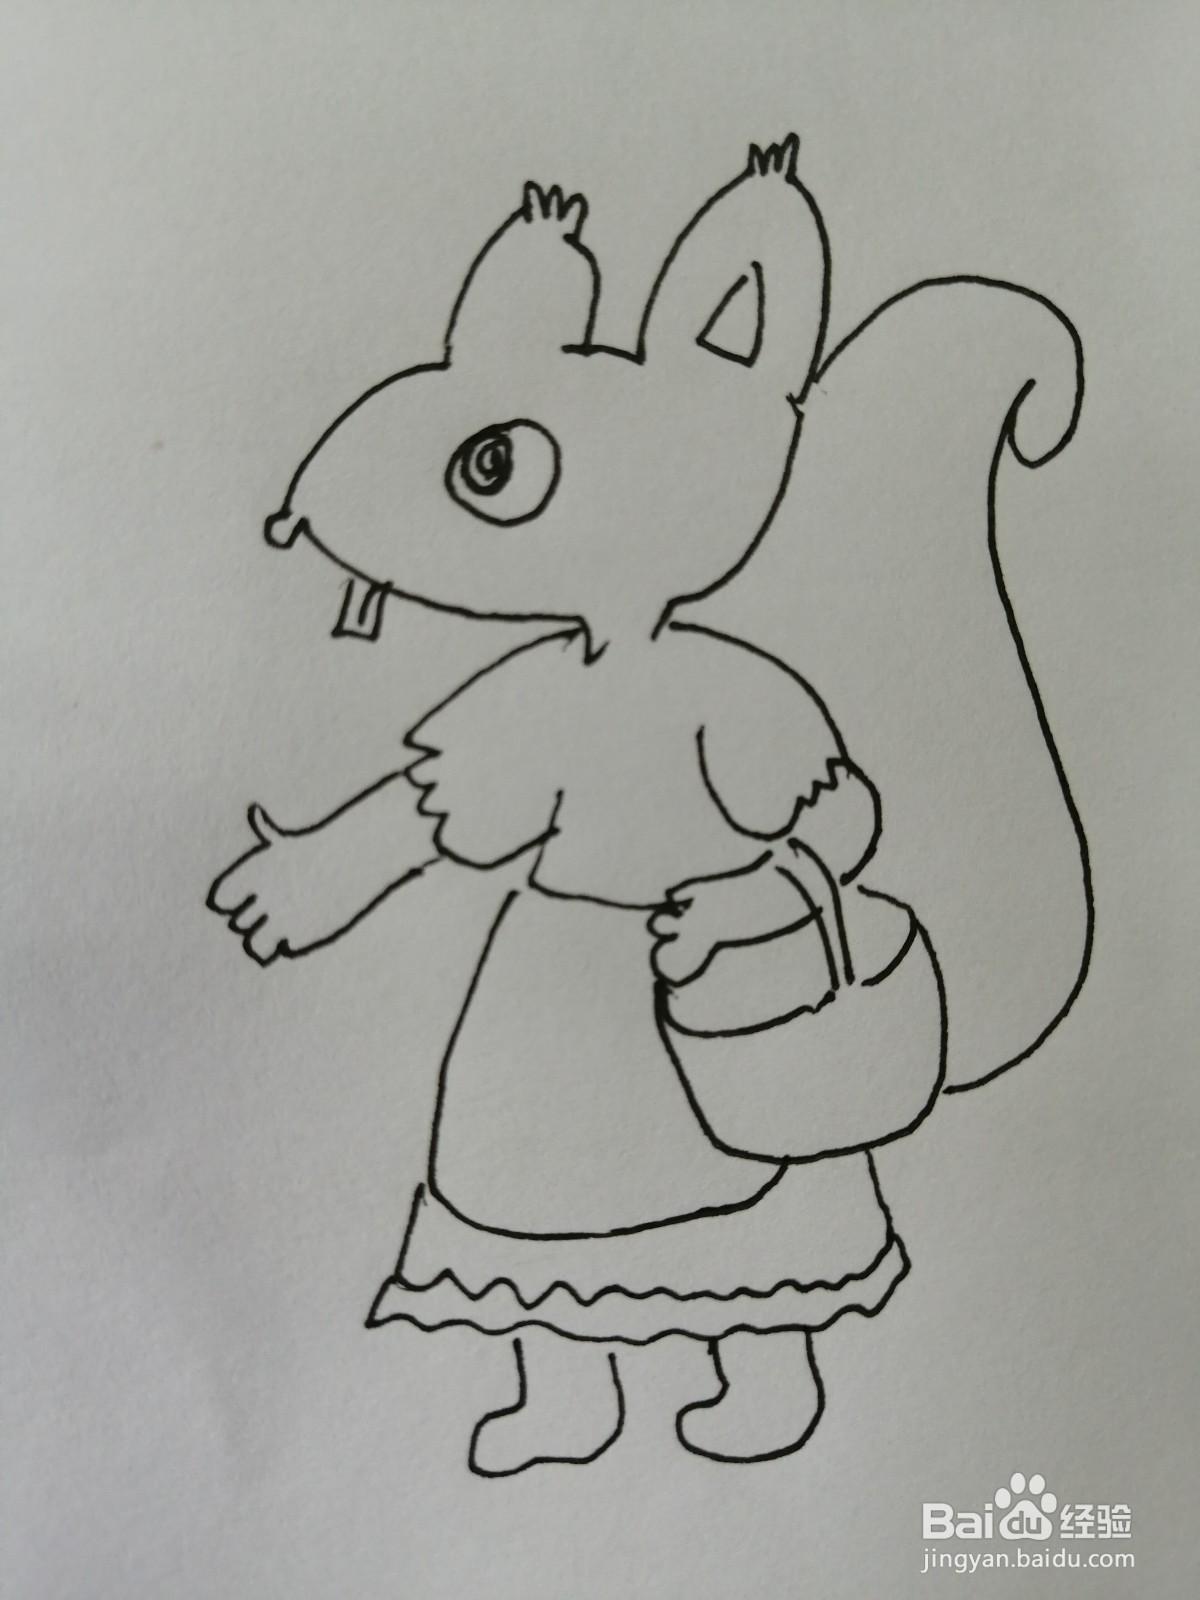 可爱的松鼠妈妈怎么画